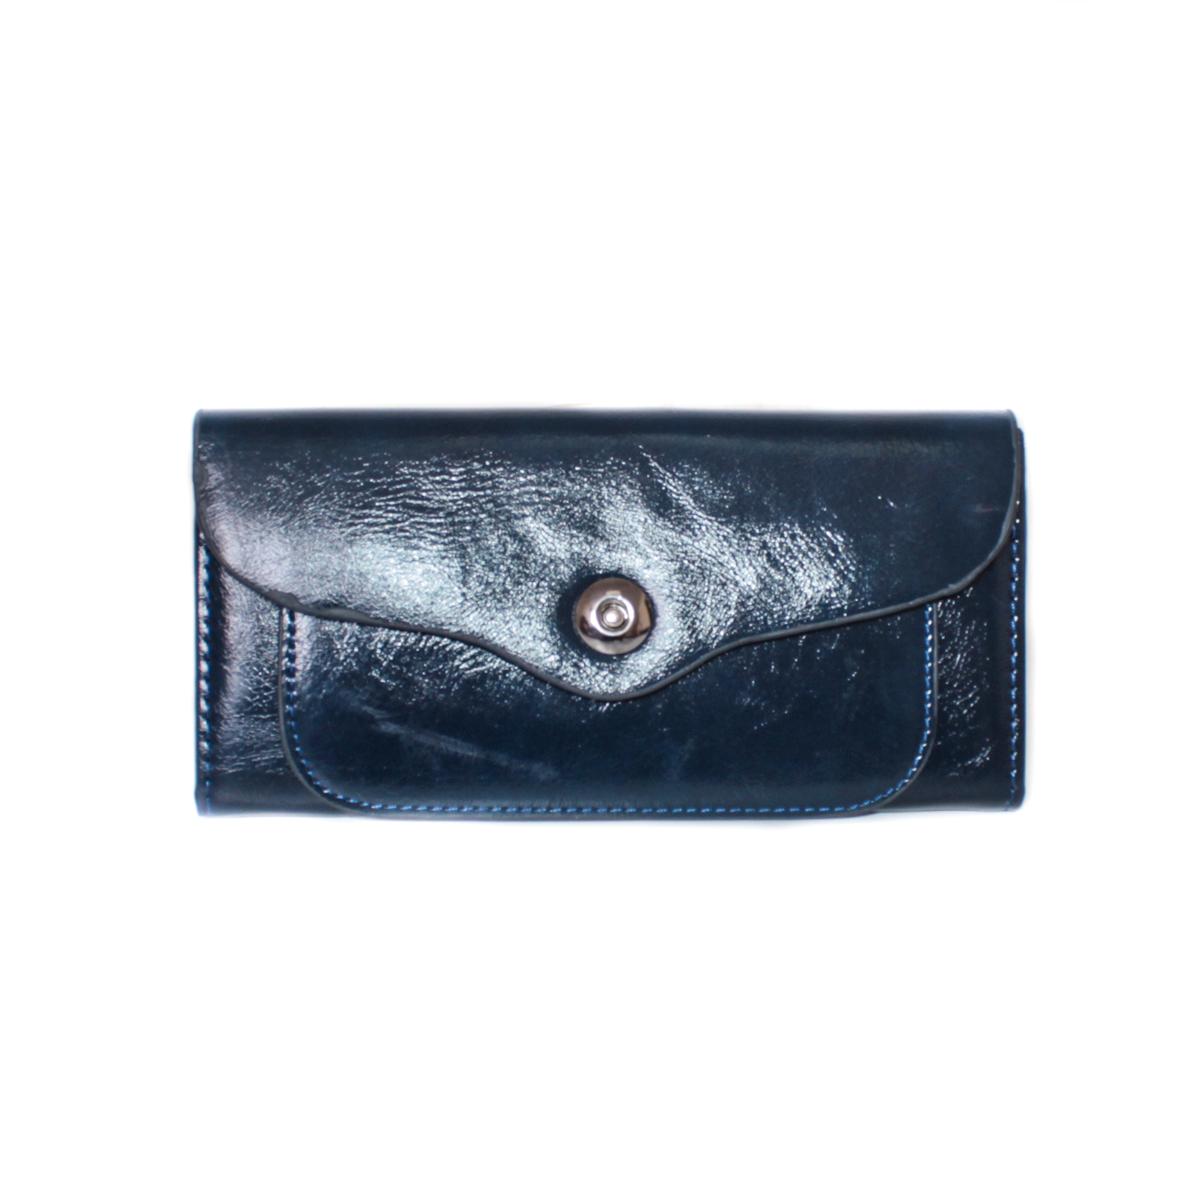 Кошелек женский Leighton, цвет: синий. 0005310900053109Закрывается на кнопку. Внутри два отления для карточек и визиток, одно отделение на молнии, два для купюр и одно для монет.